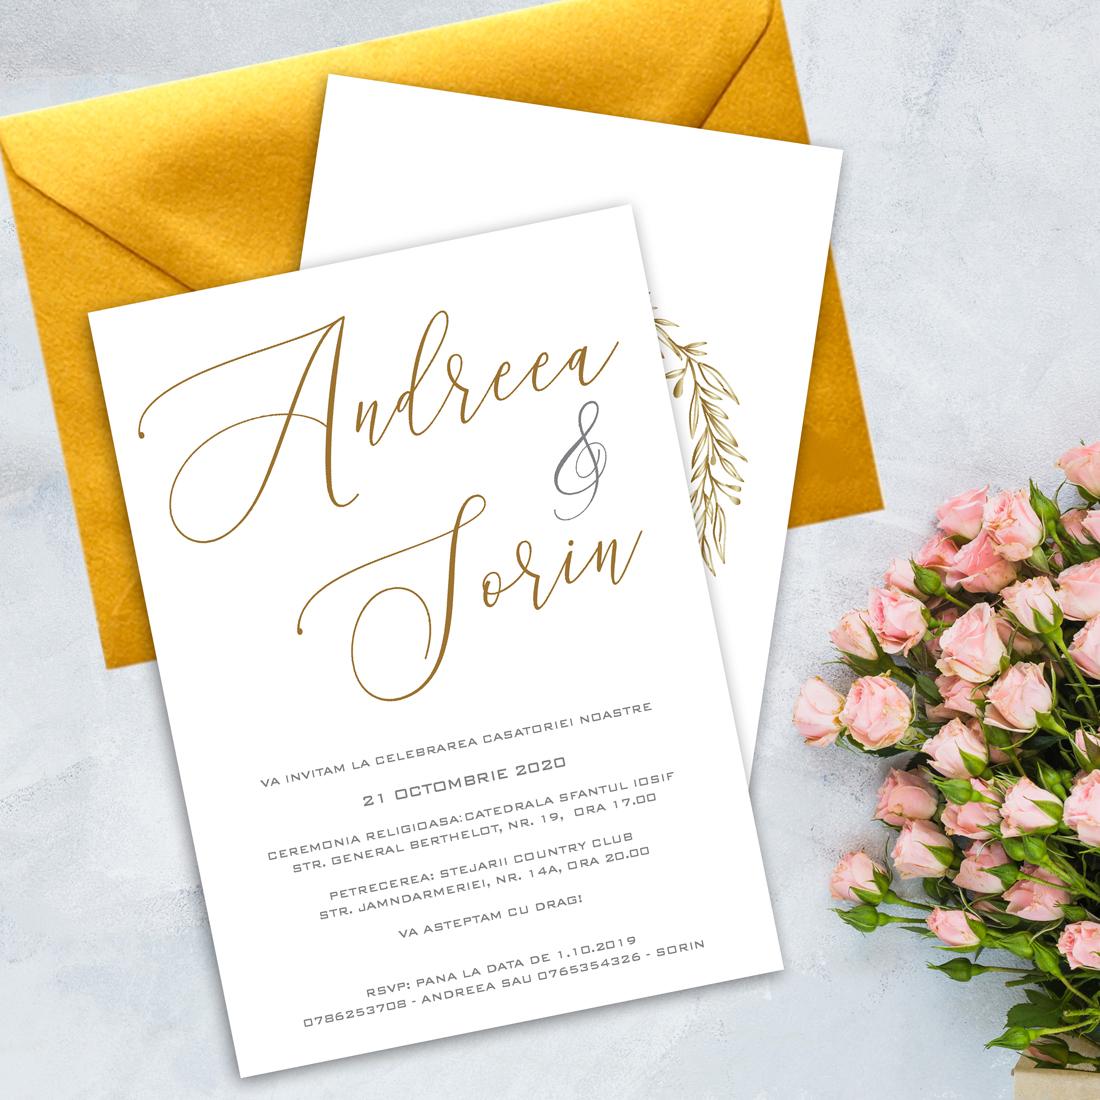 Invitatie nunta numele mirilor